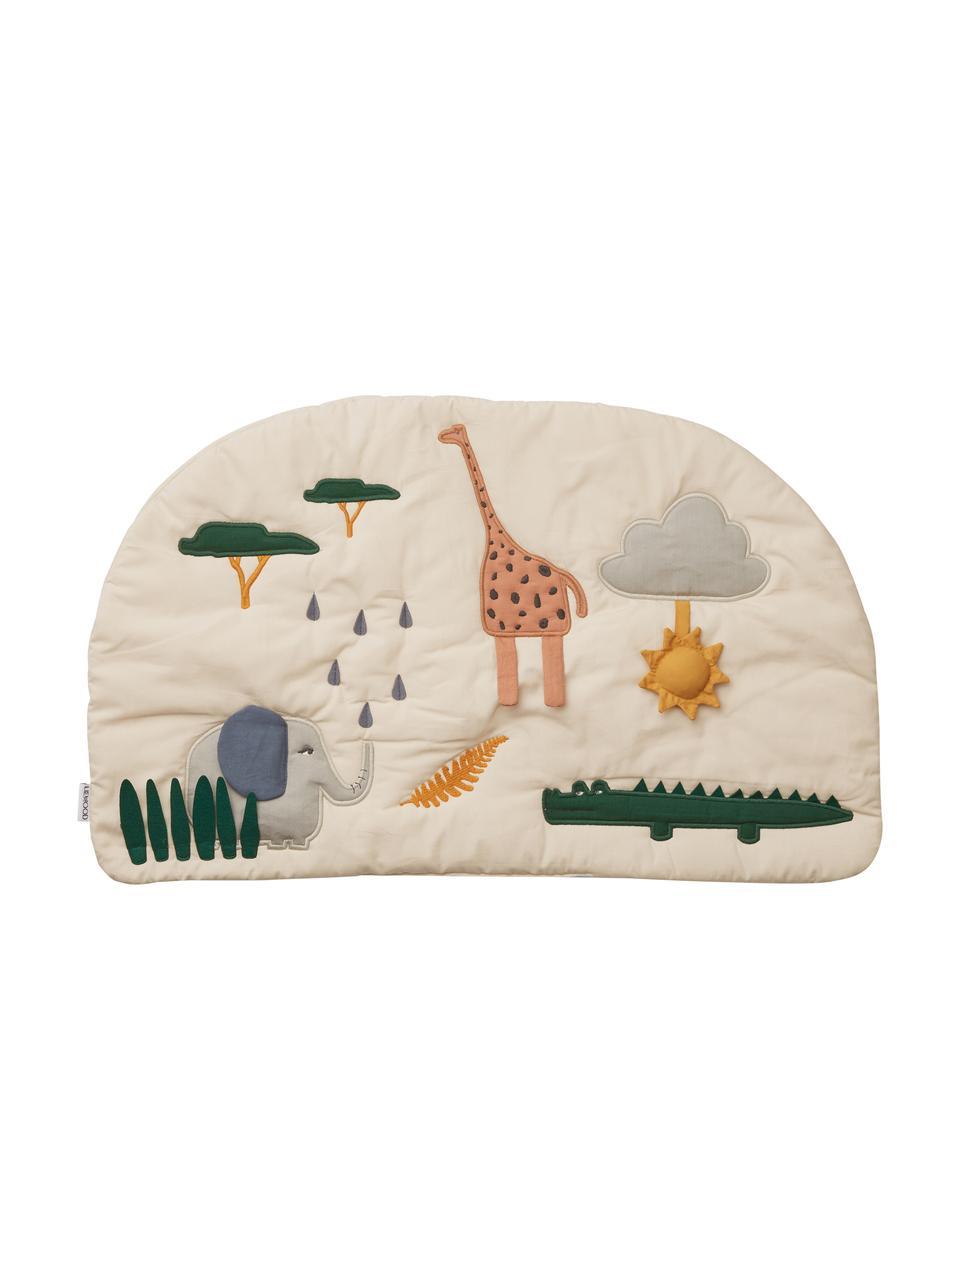 Mata do zabawy Sofie, Tapicerka: 100% bawełna organiczna, , Beżowy, wielobarwny, S 40 x D 65 cm